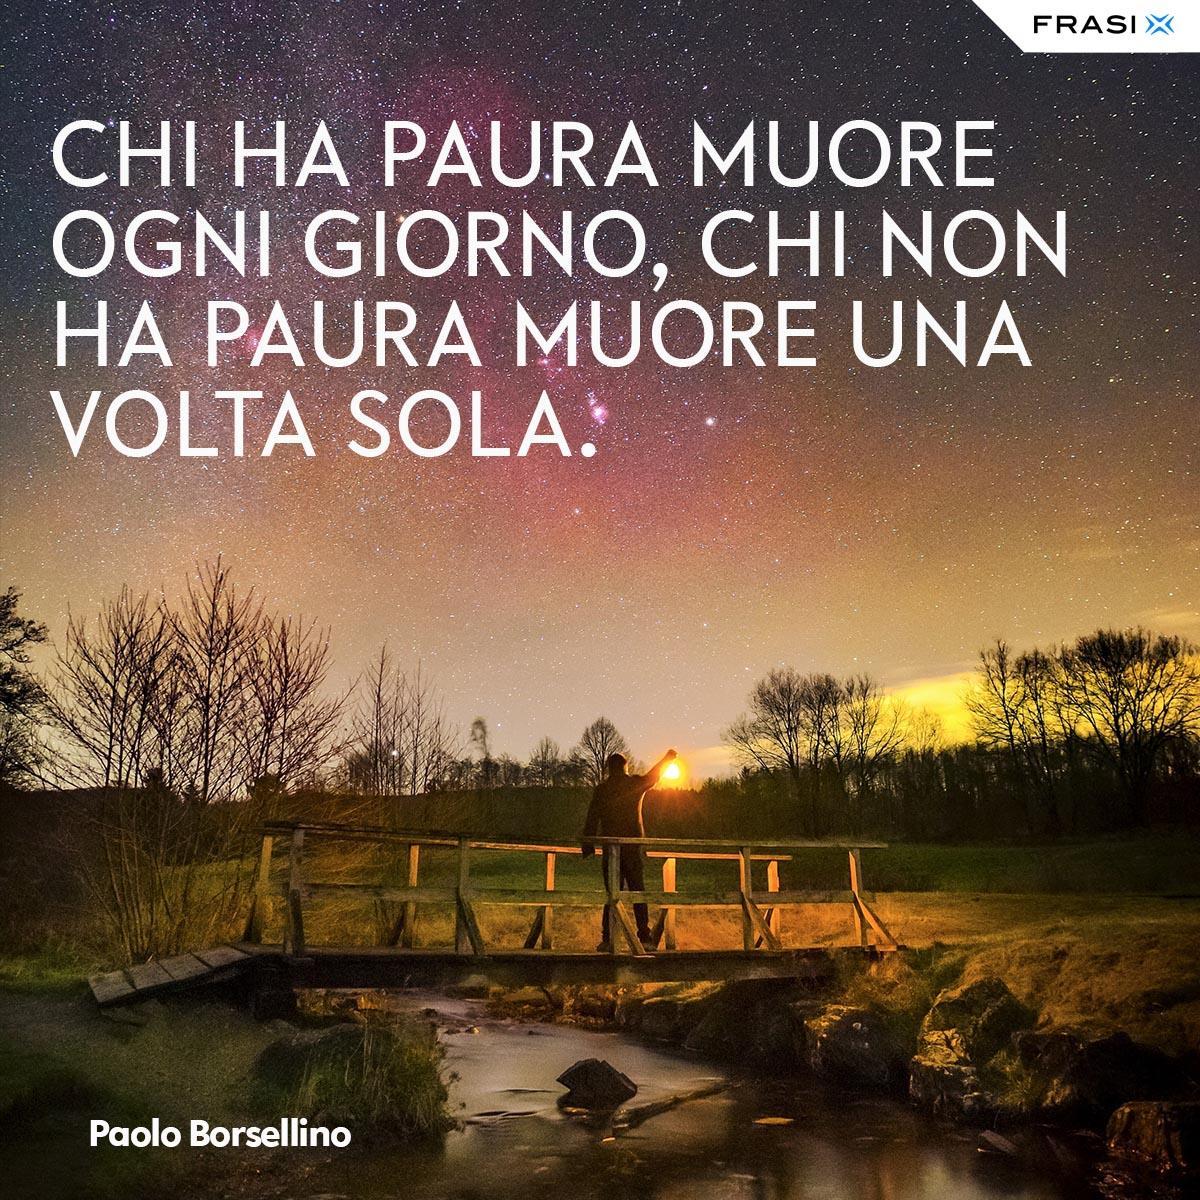 Frasi tumblr Paolo Borsellino